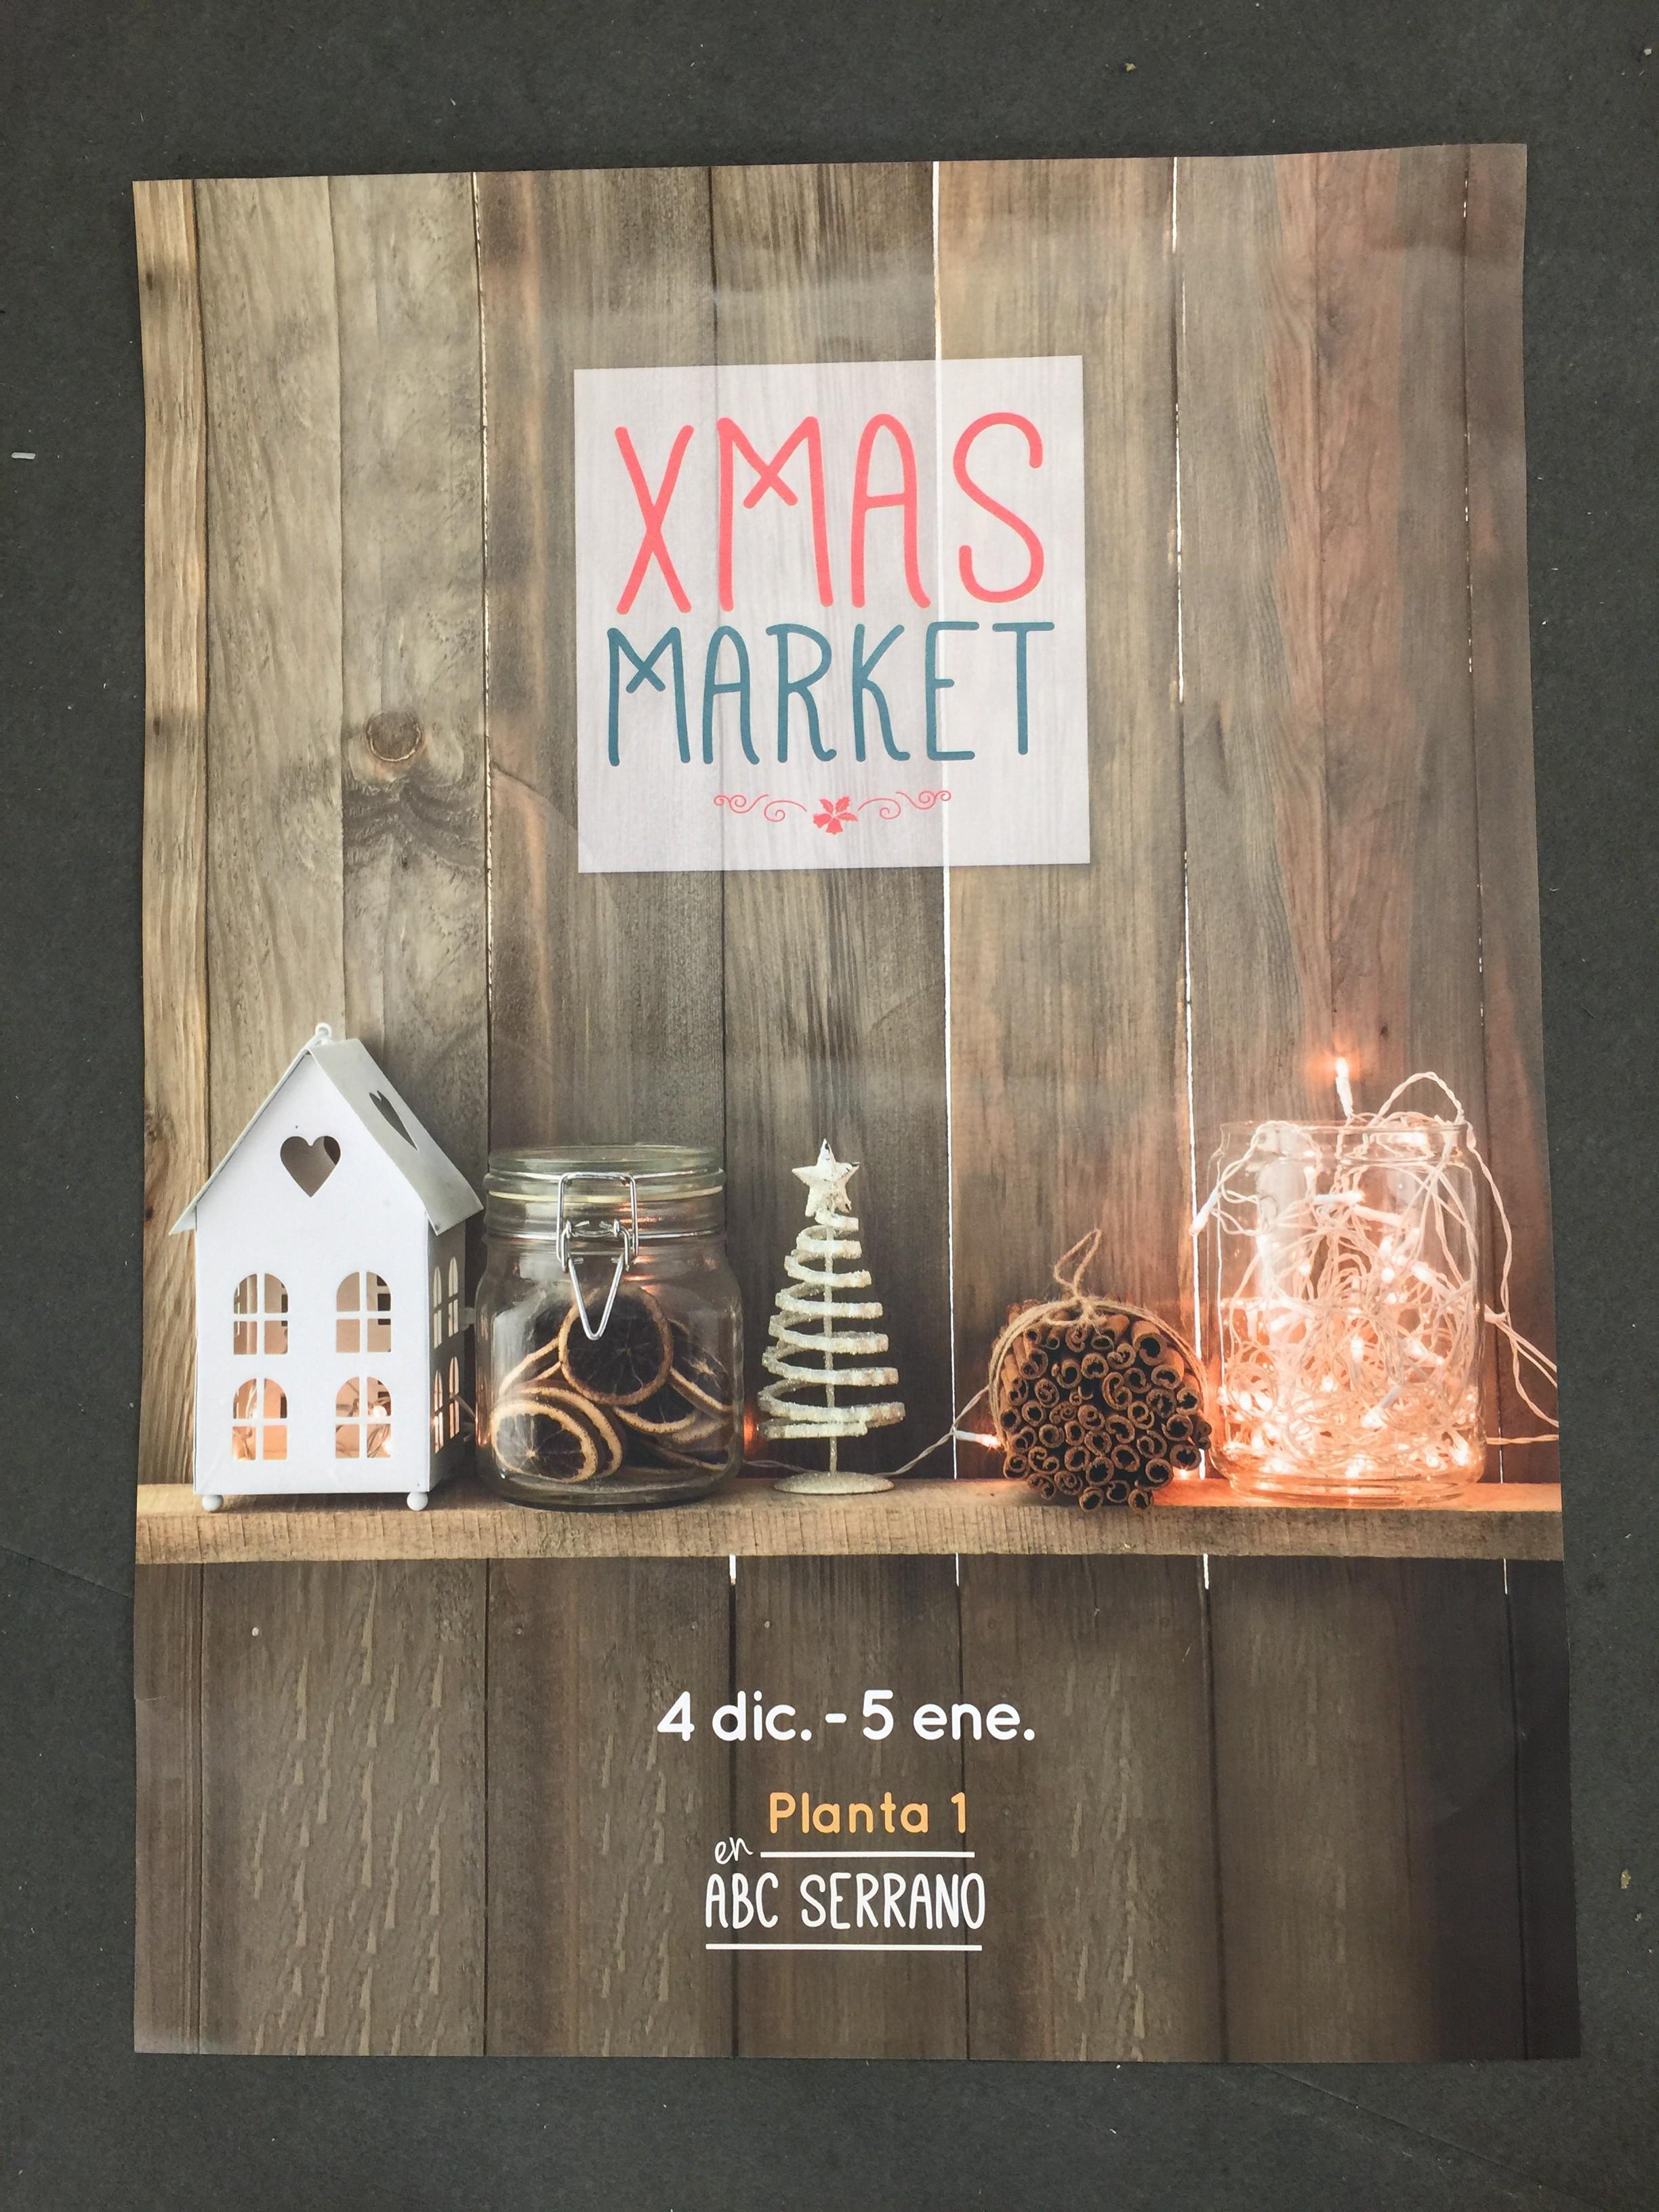 xmas market-62261-mytenida